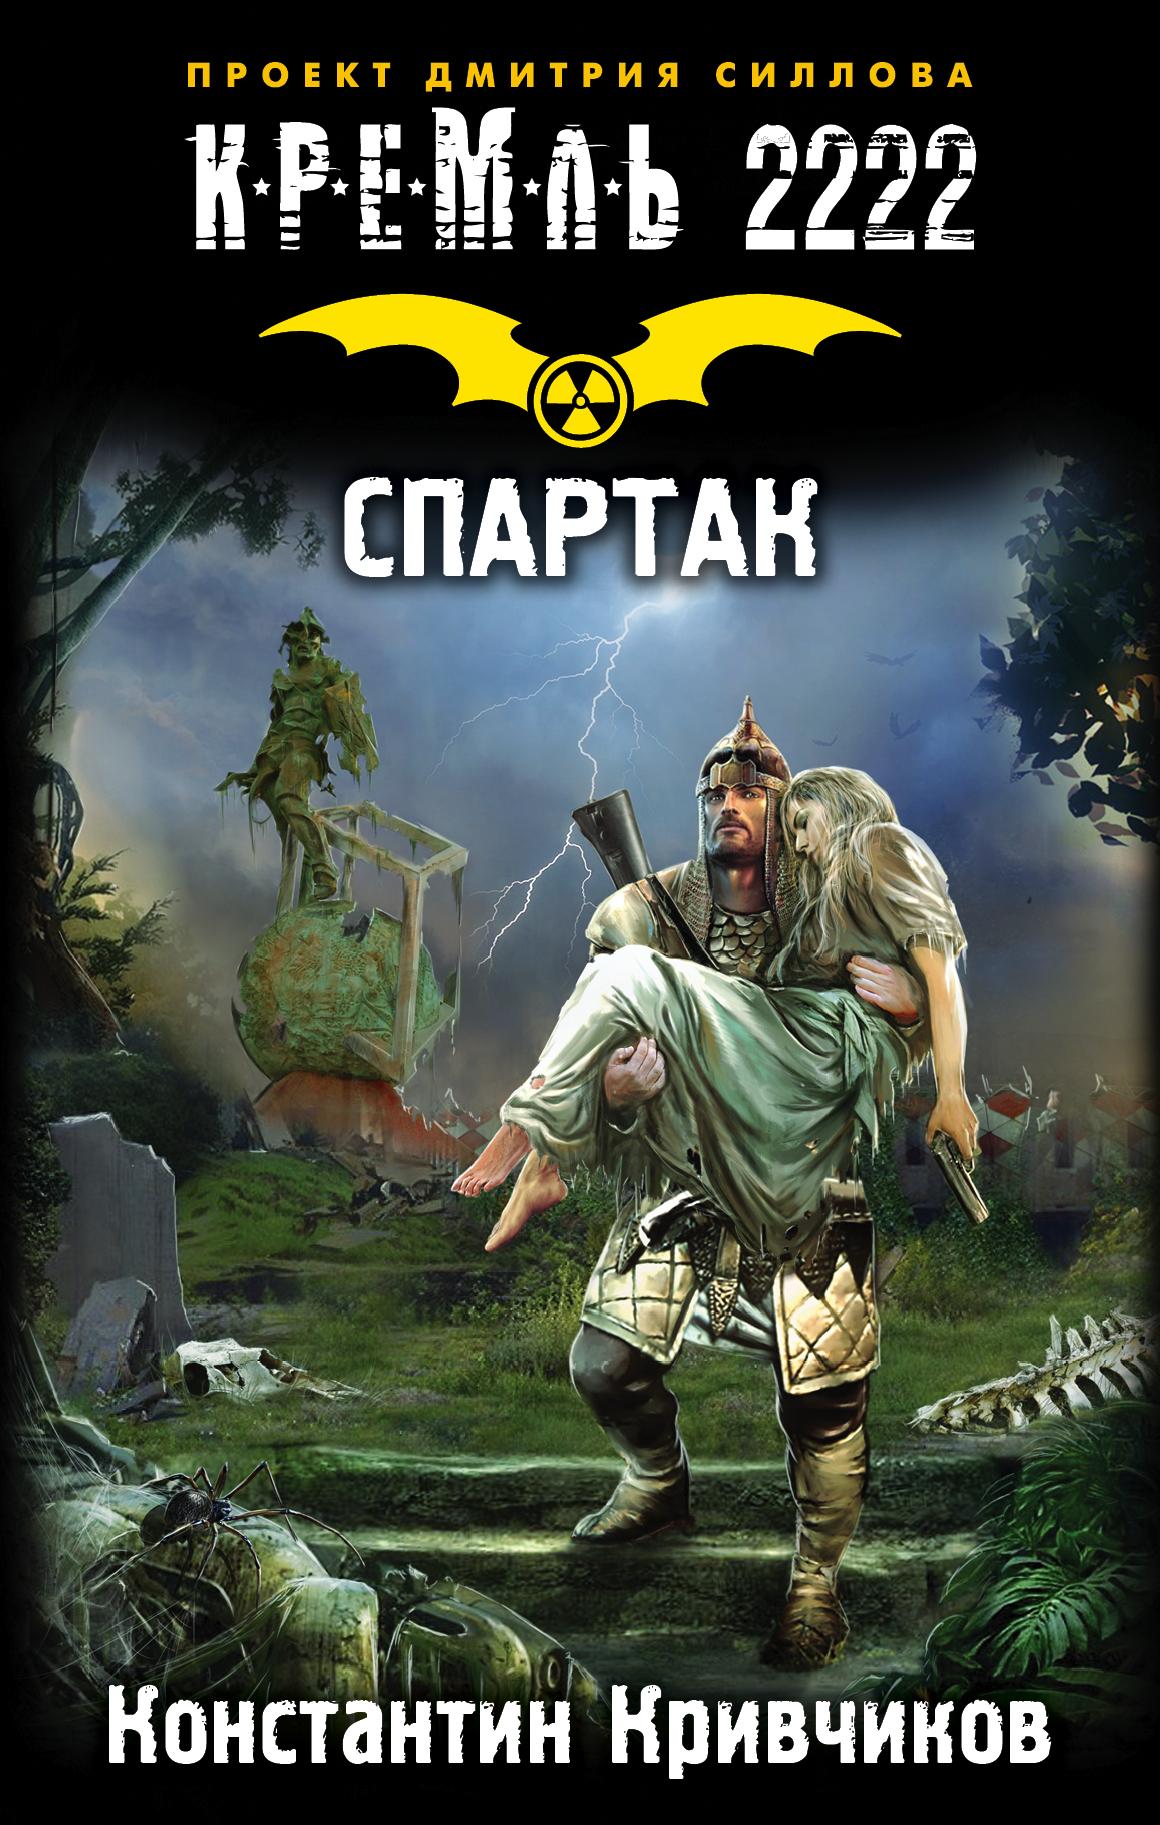 Кремль 2222. Спартак как билет на борисов арену